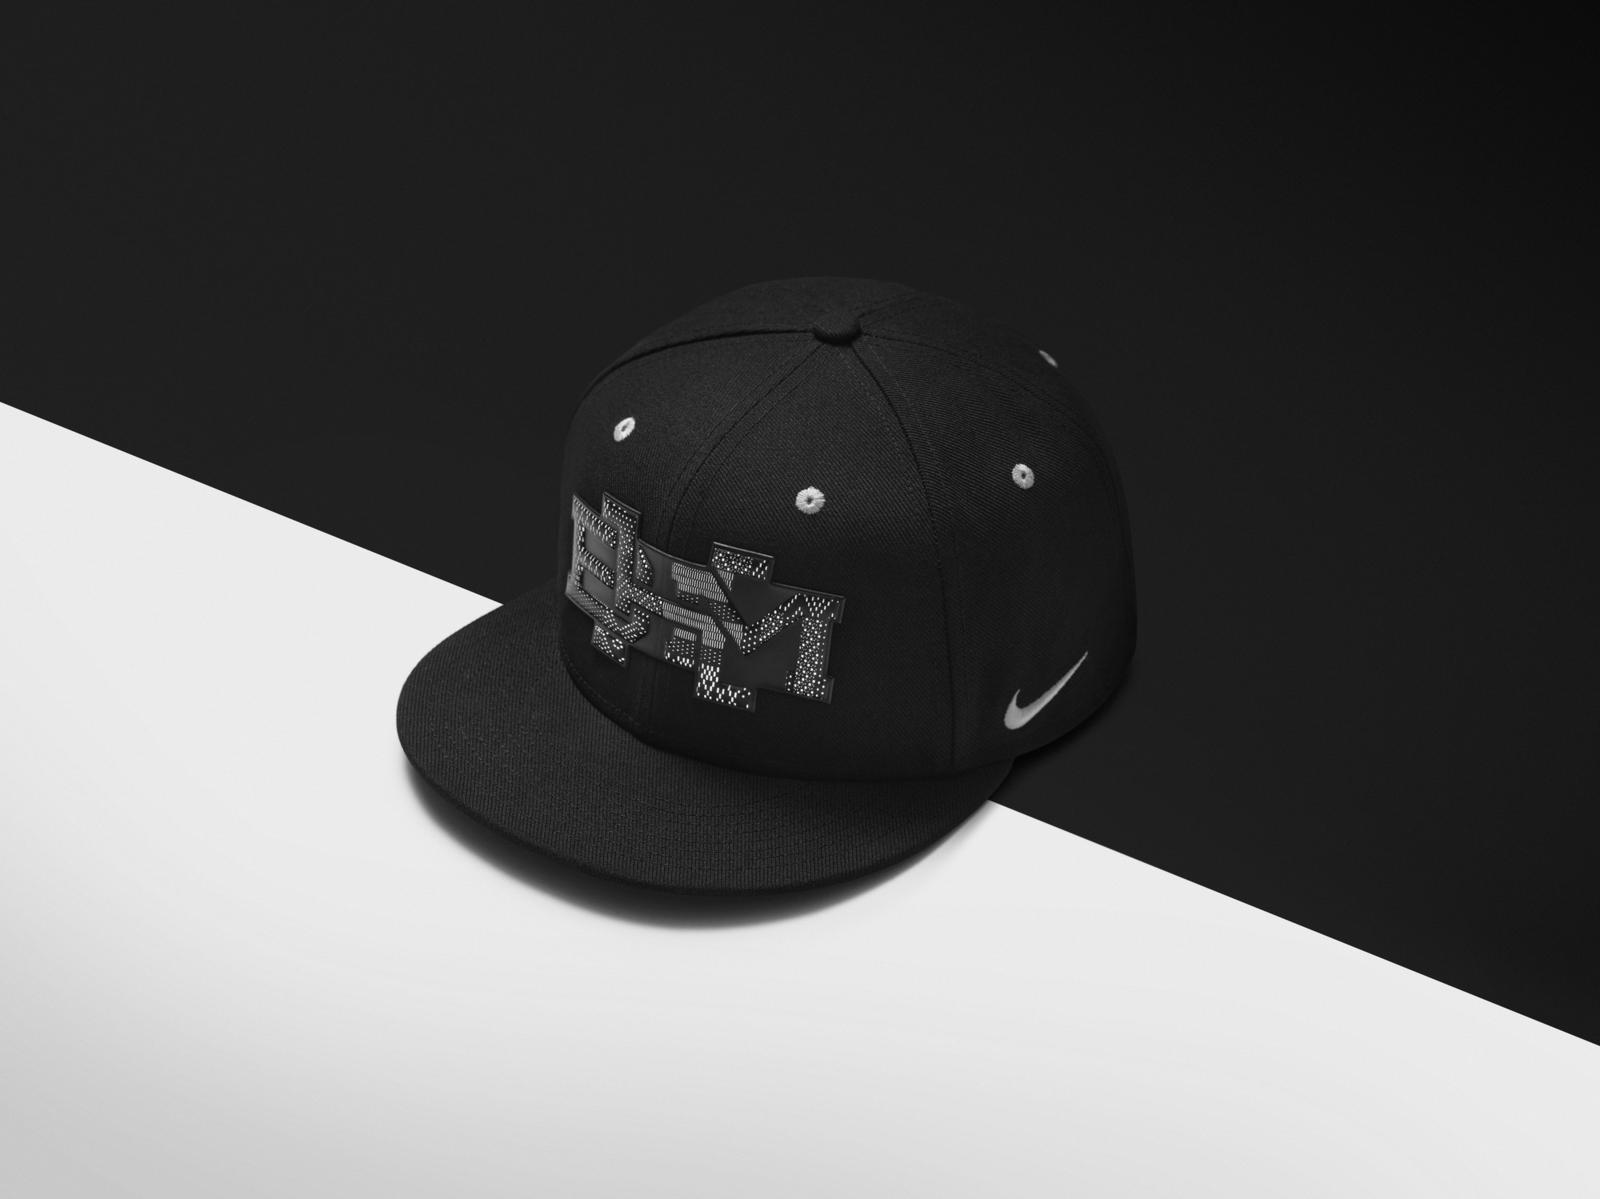 Nike Cap For Men 2015 giftedoriginals.co.uk 7d2878240a2